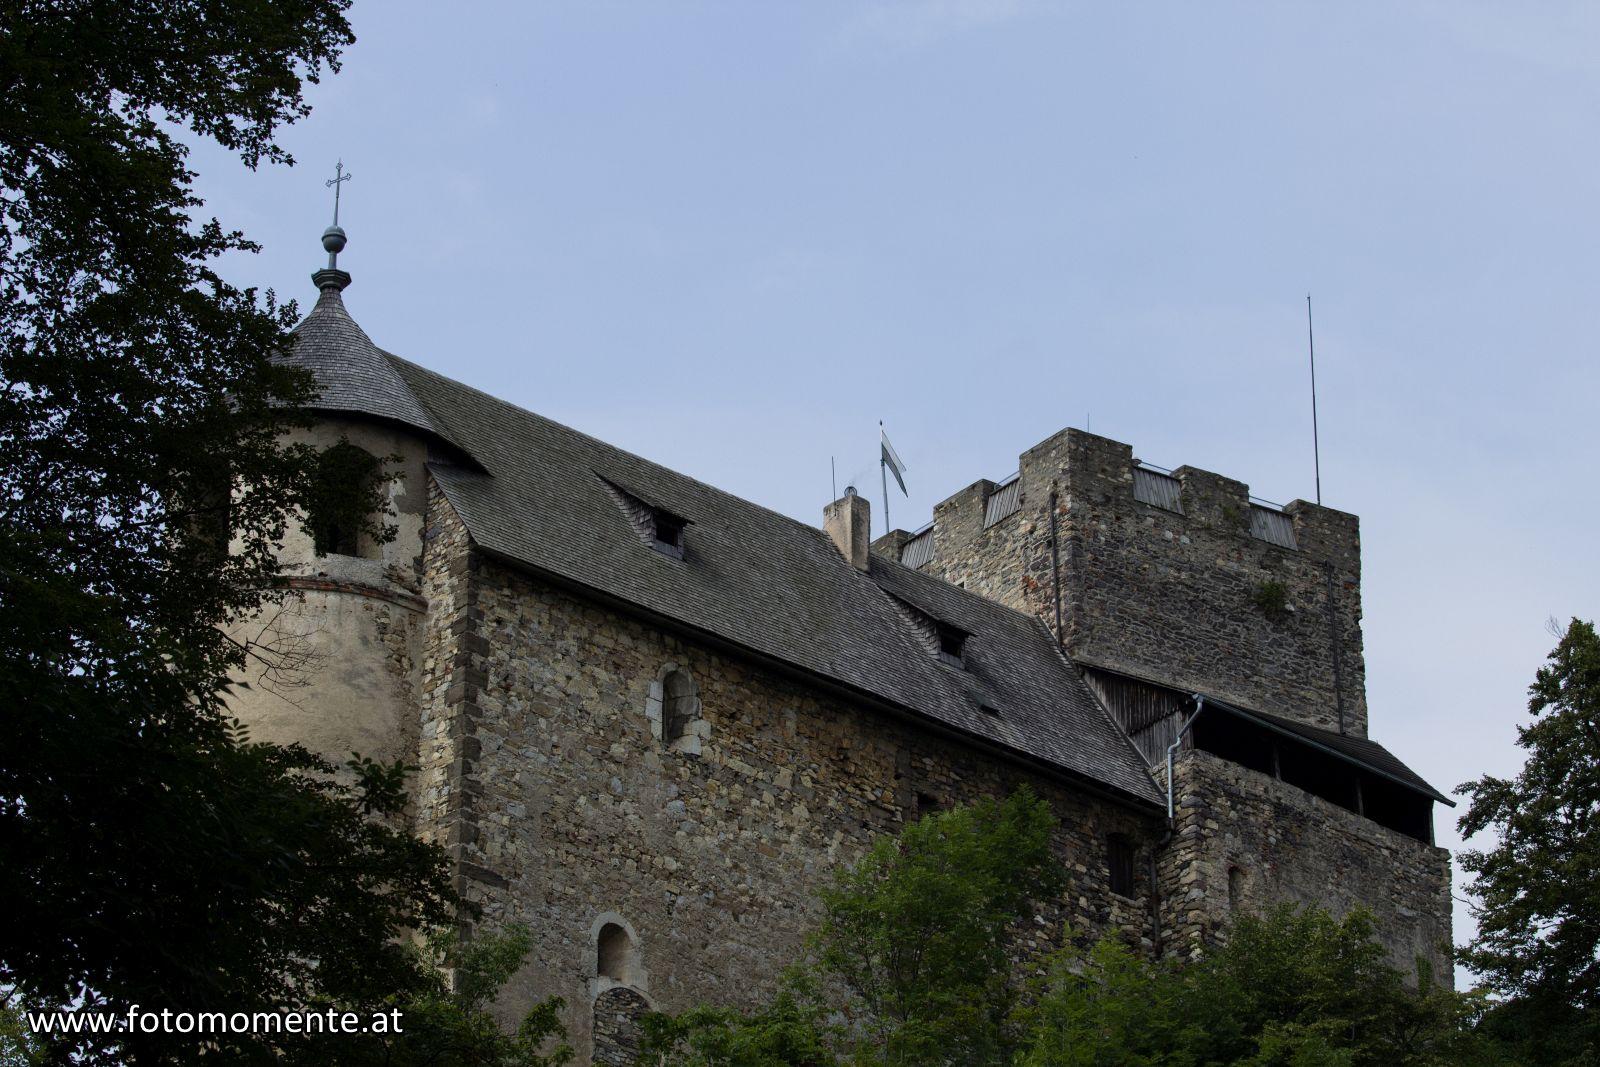 Burgruine Gösting vom Wanderweg gesehen